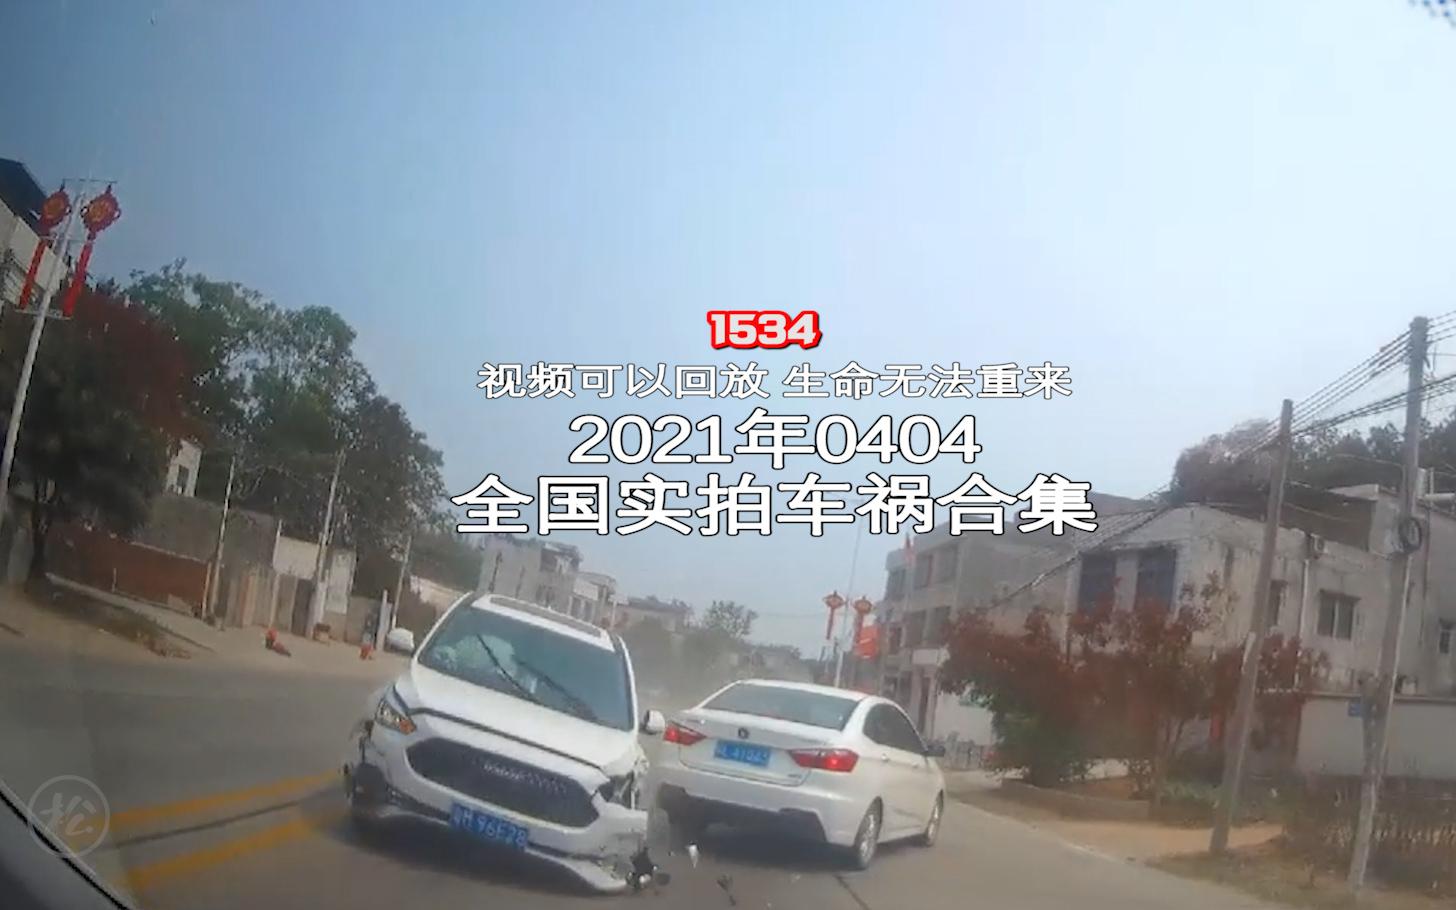 1534期:清明节到了,给各位列祖列宗烧辆真的车【20210404全国车祸合集】